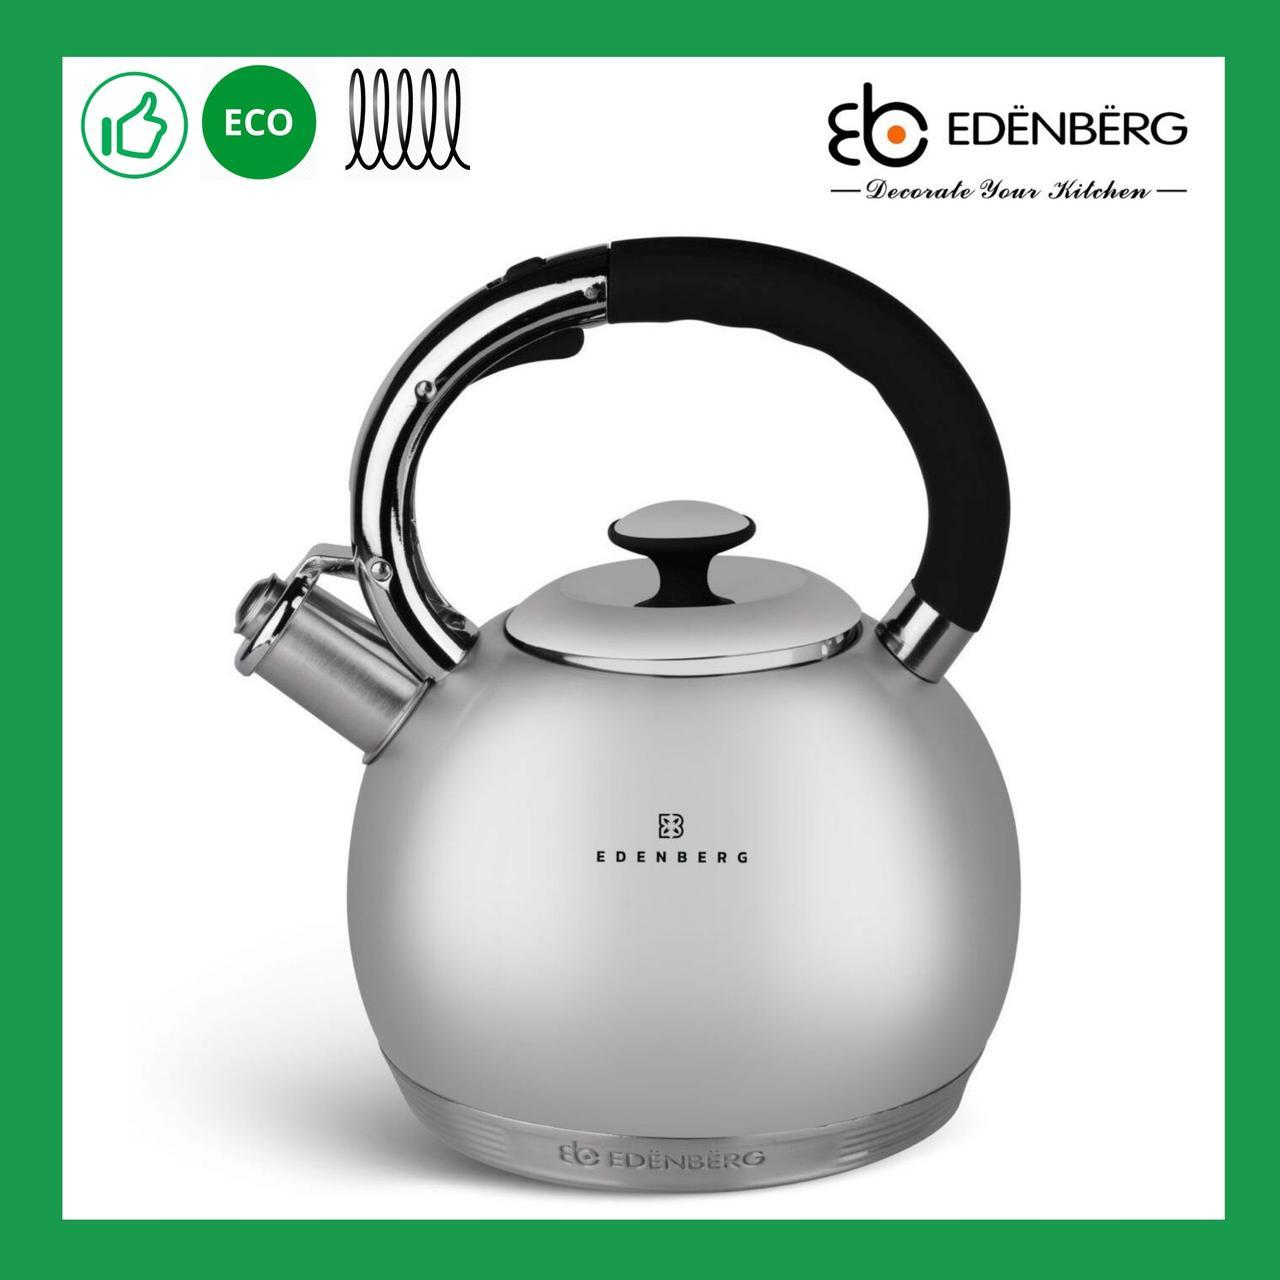 Чайник Edenberg из нержавеющей стали со свистком 3.0 л (EB-3537B)